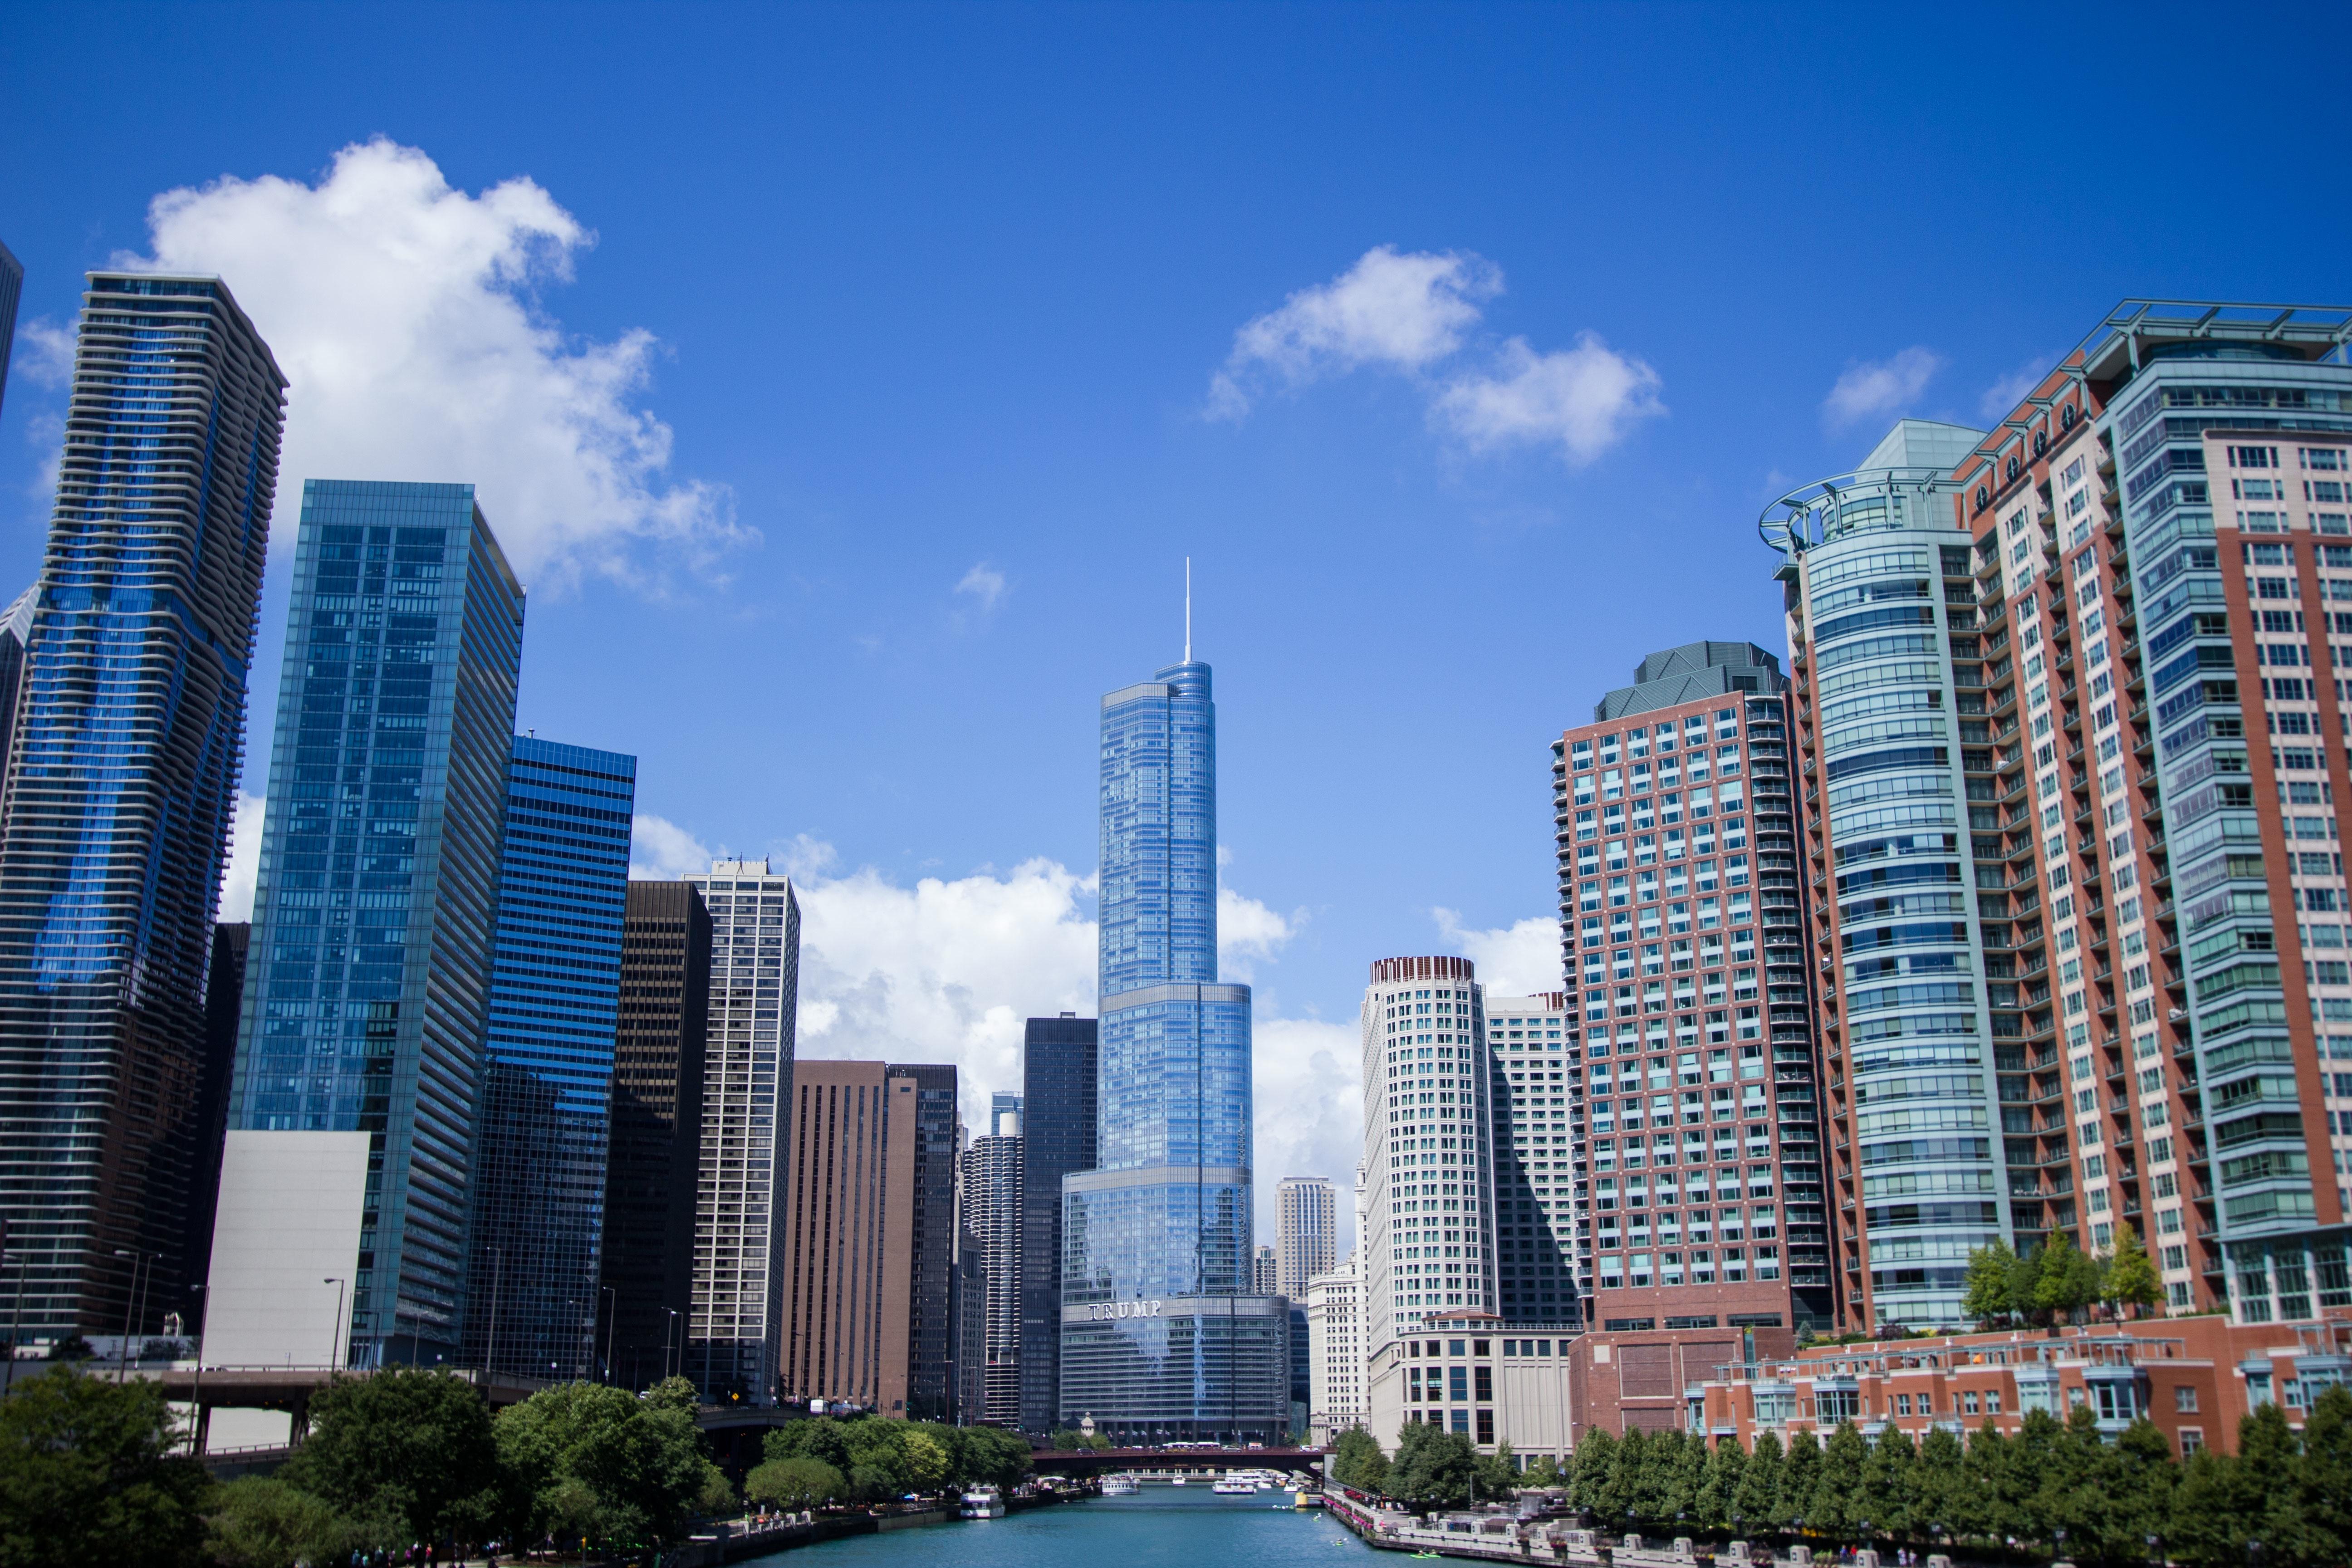 вообще города с небоскребами фото атрофической патологии яичек